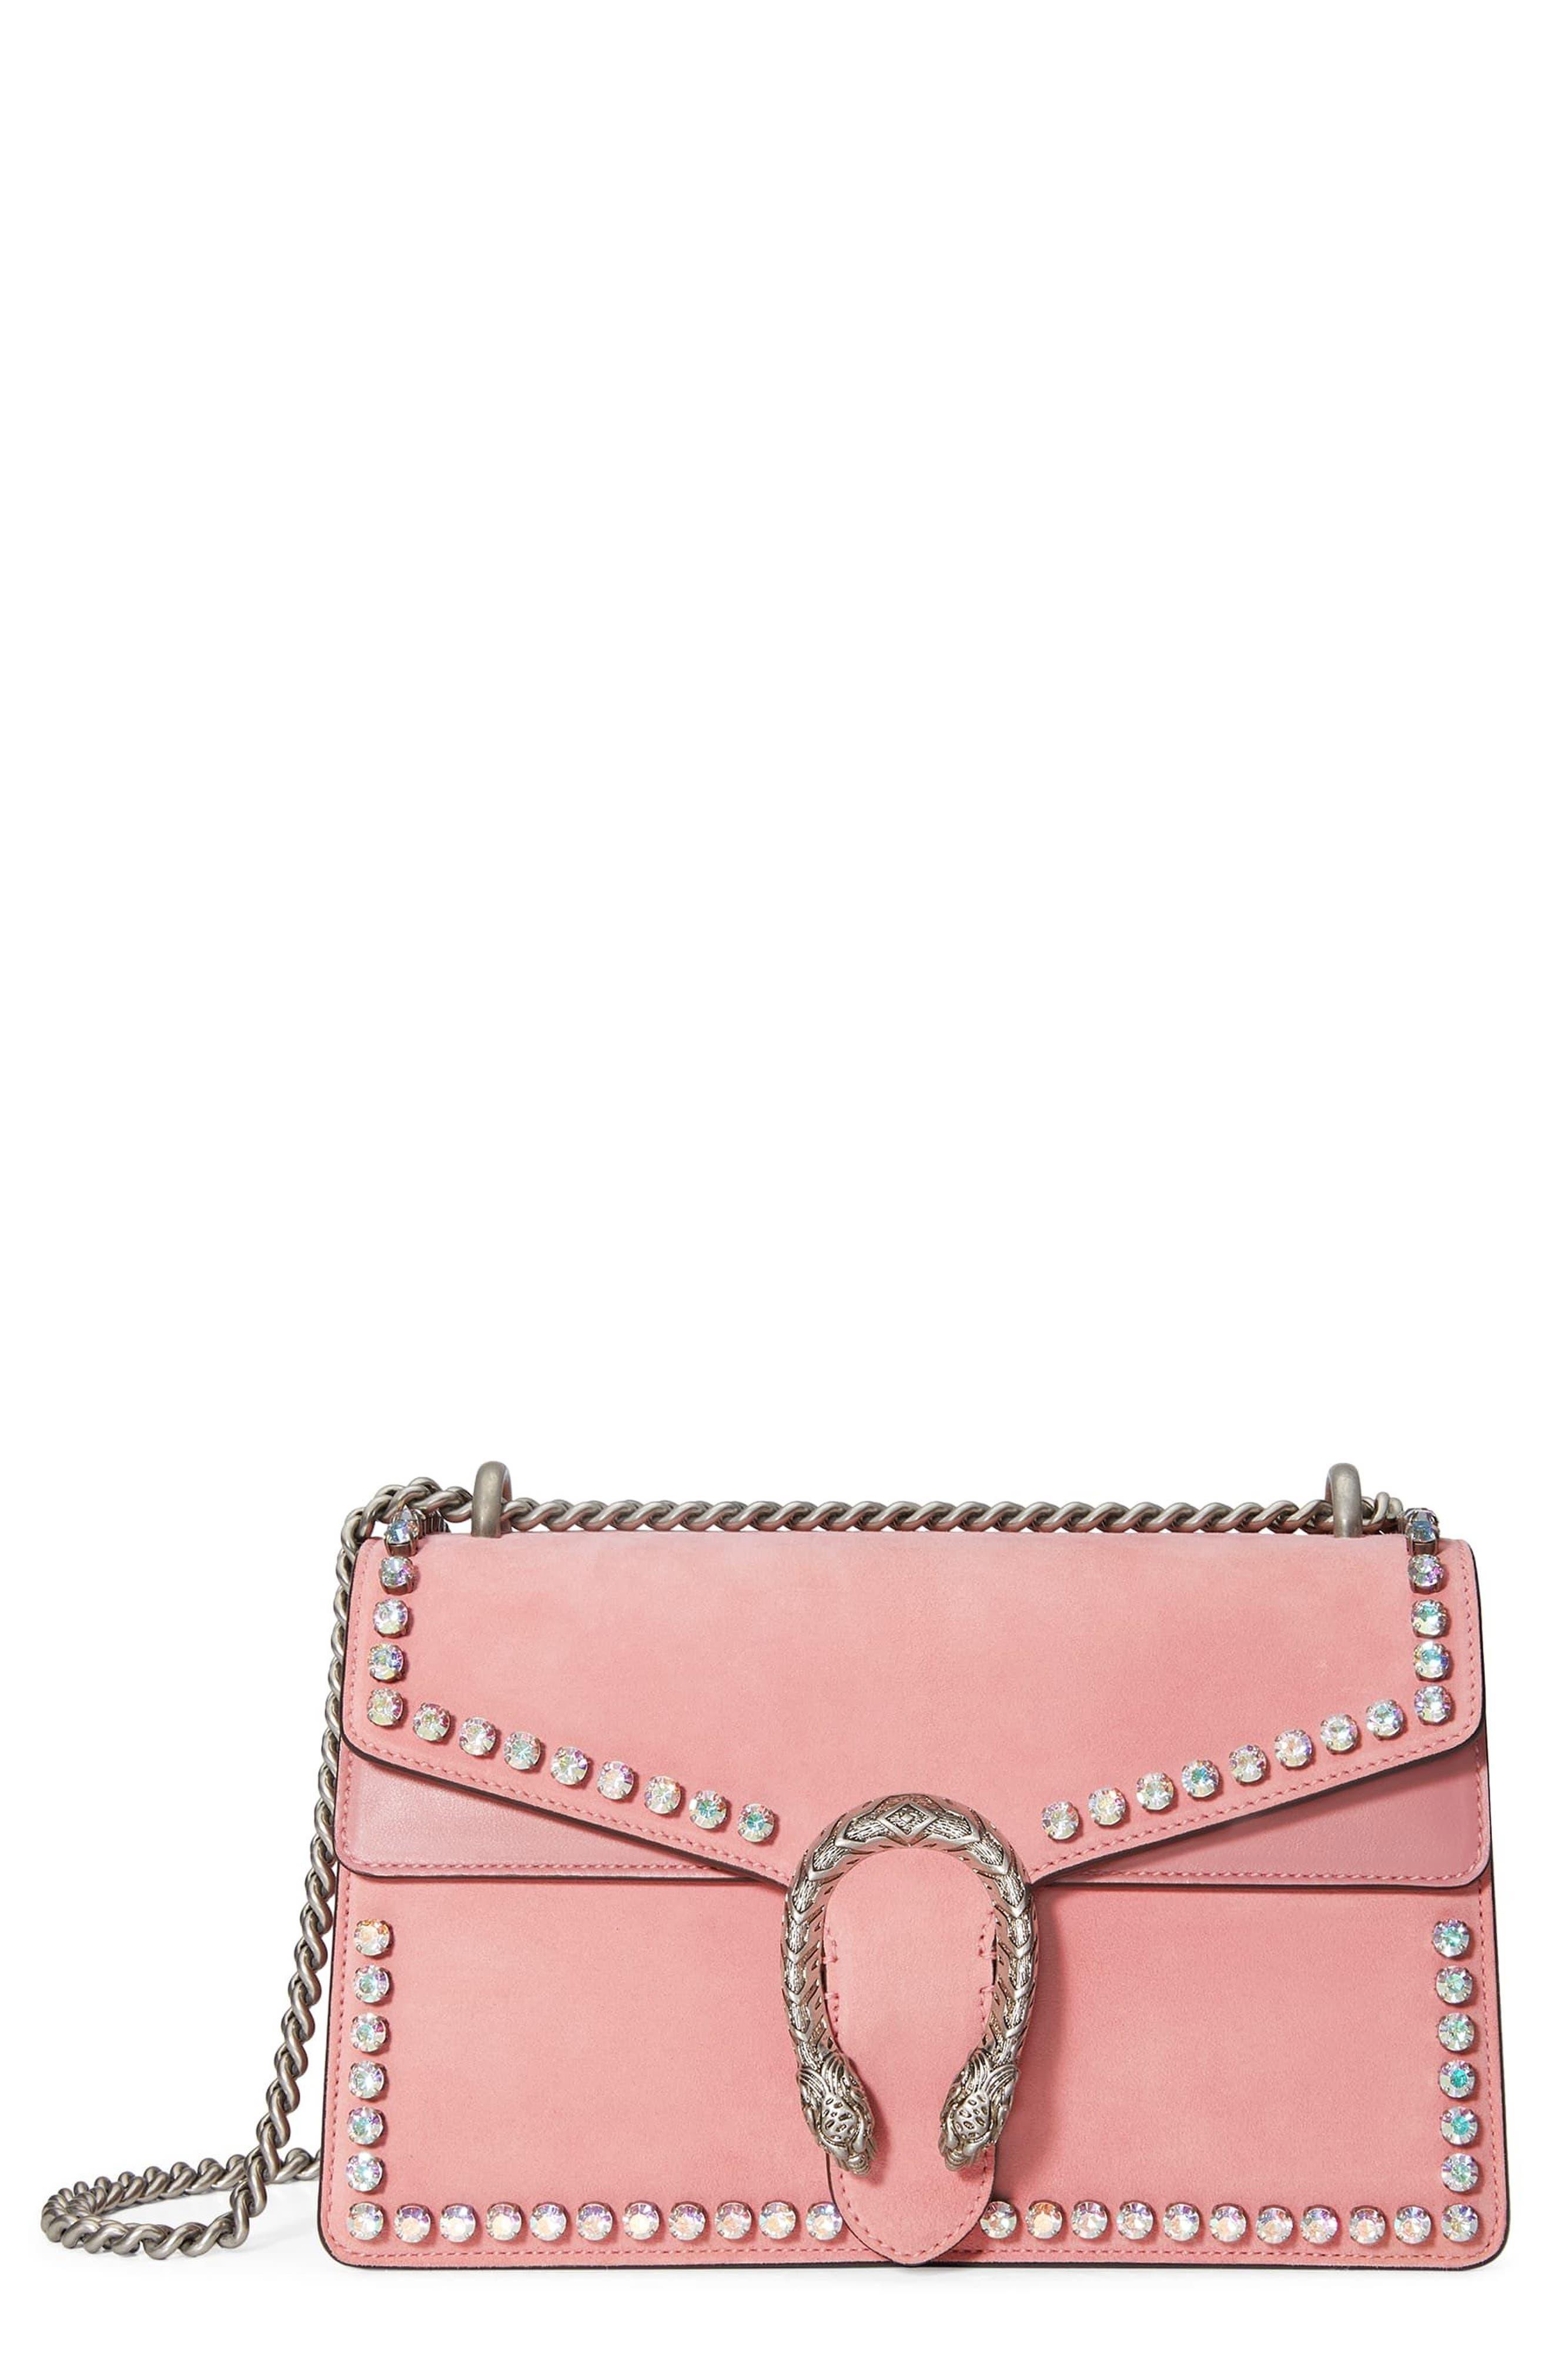 Gucci Small Dionysus Crystal Embellished Suede Shoulder Bag